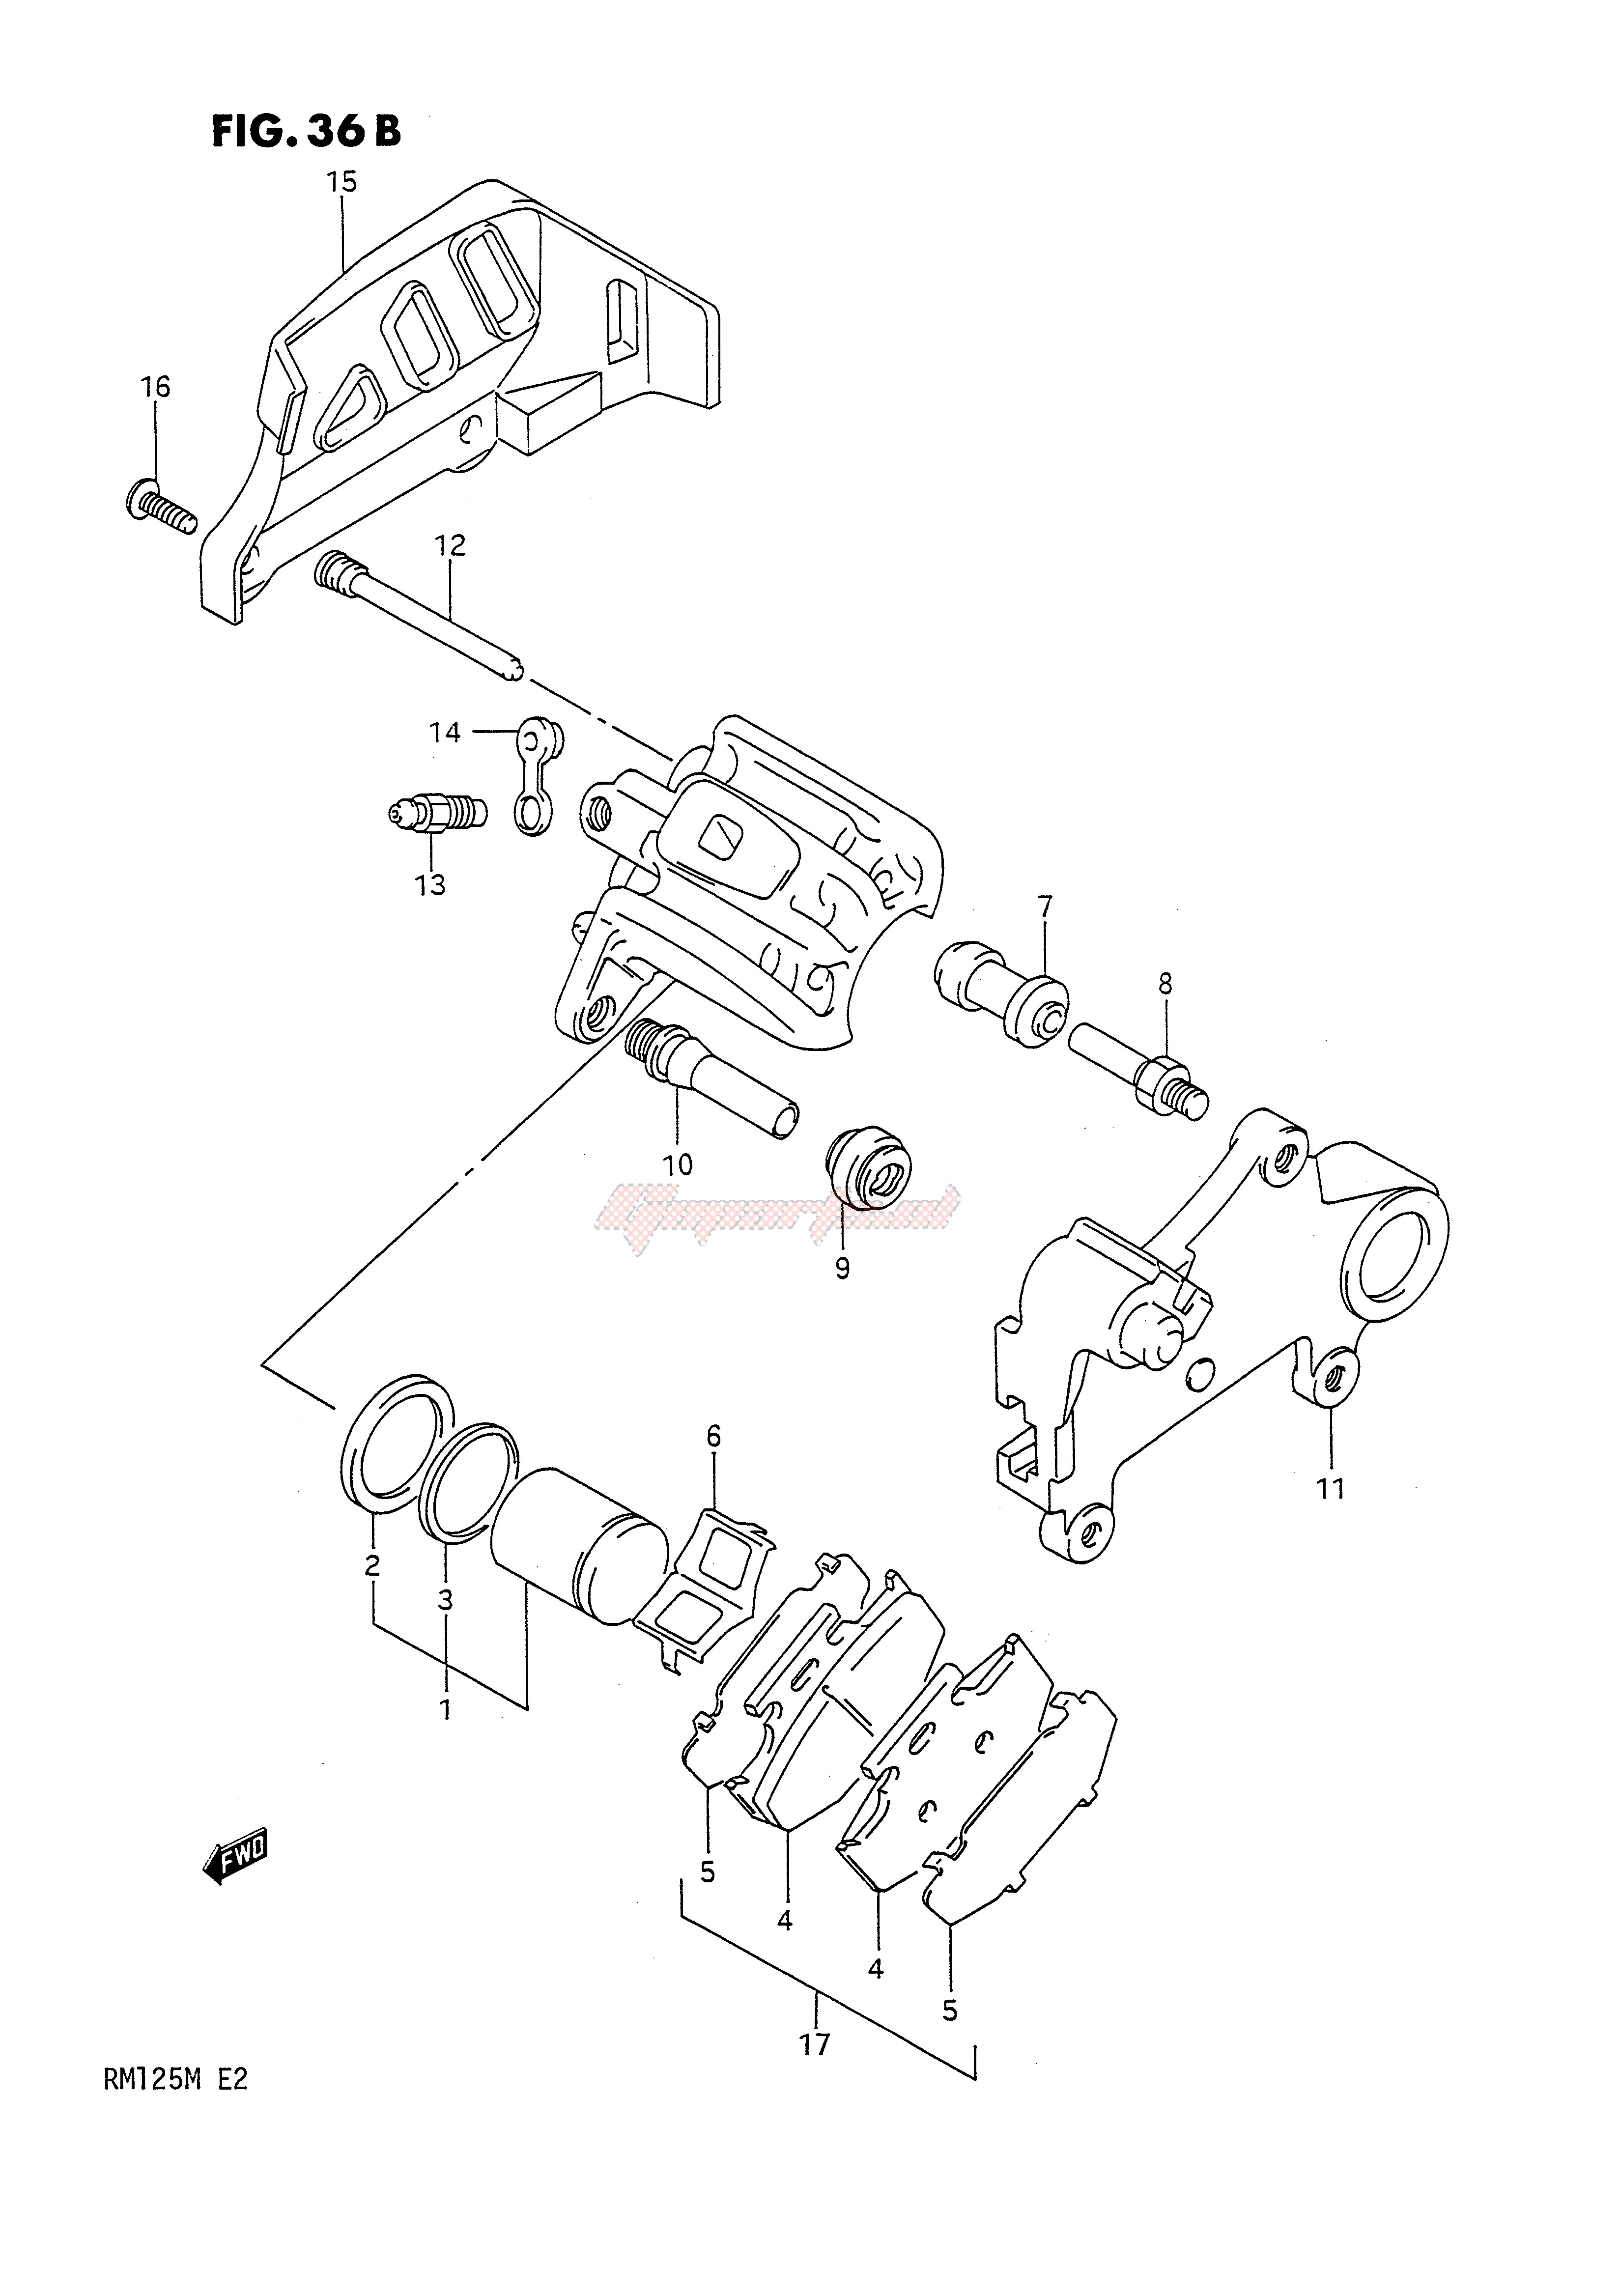 REAR CALIPERS (MODEL M) blueprint